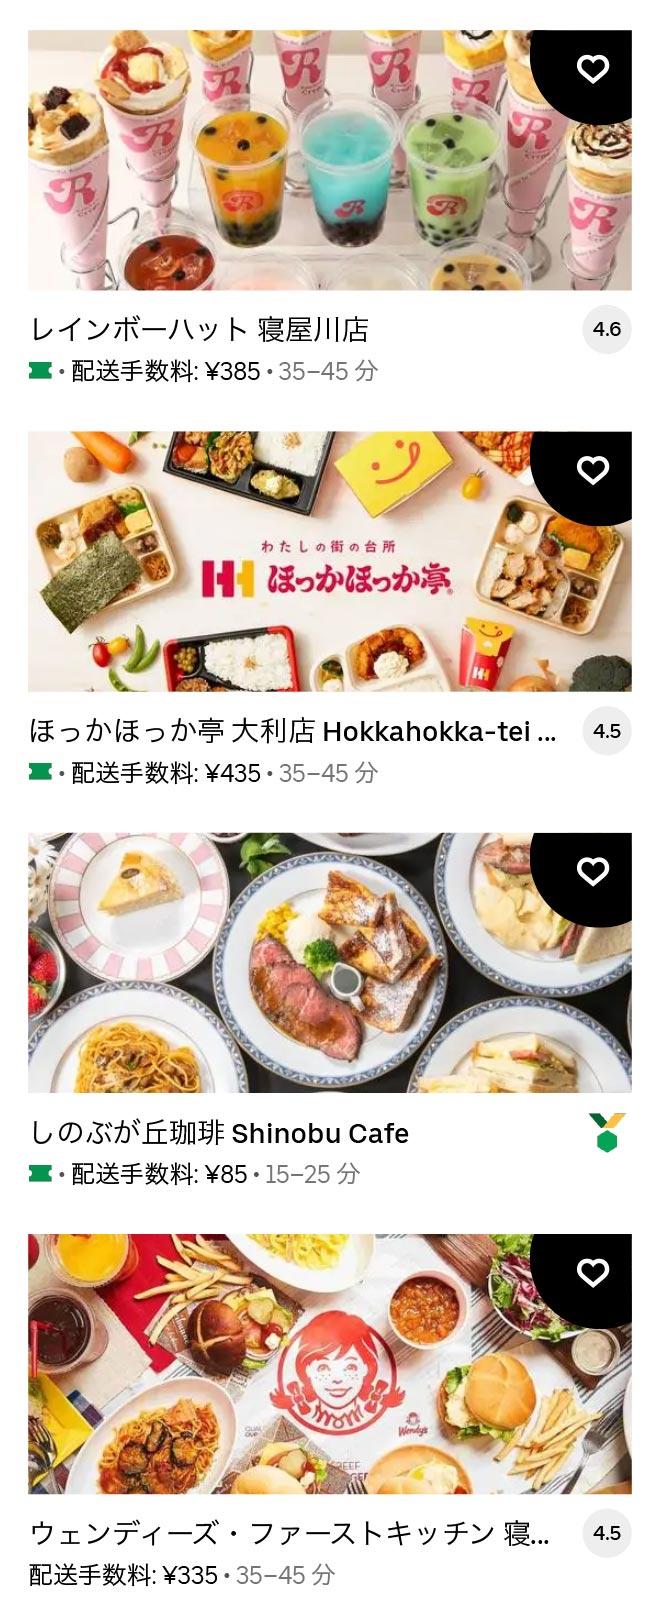 U shinobigaoka 2105 05